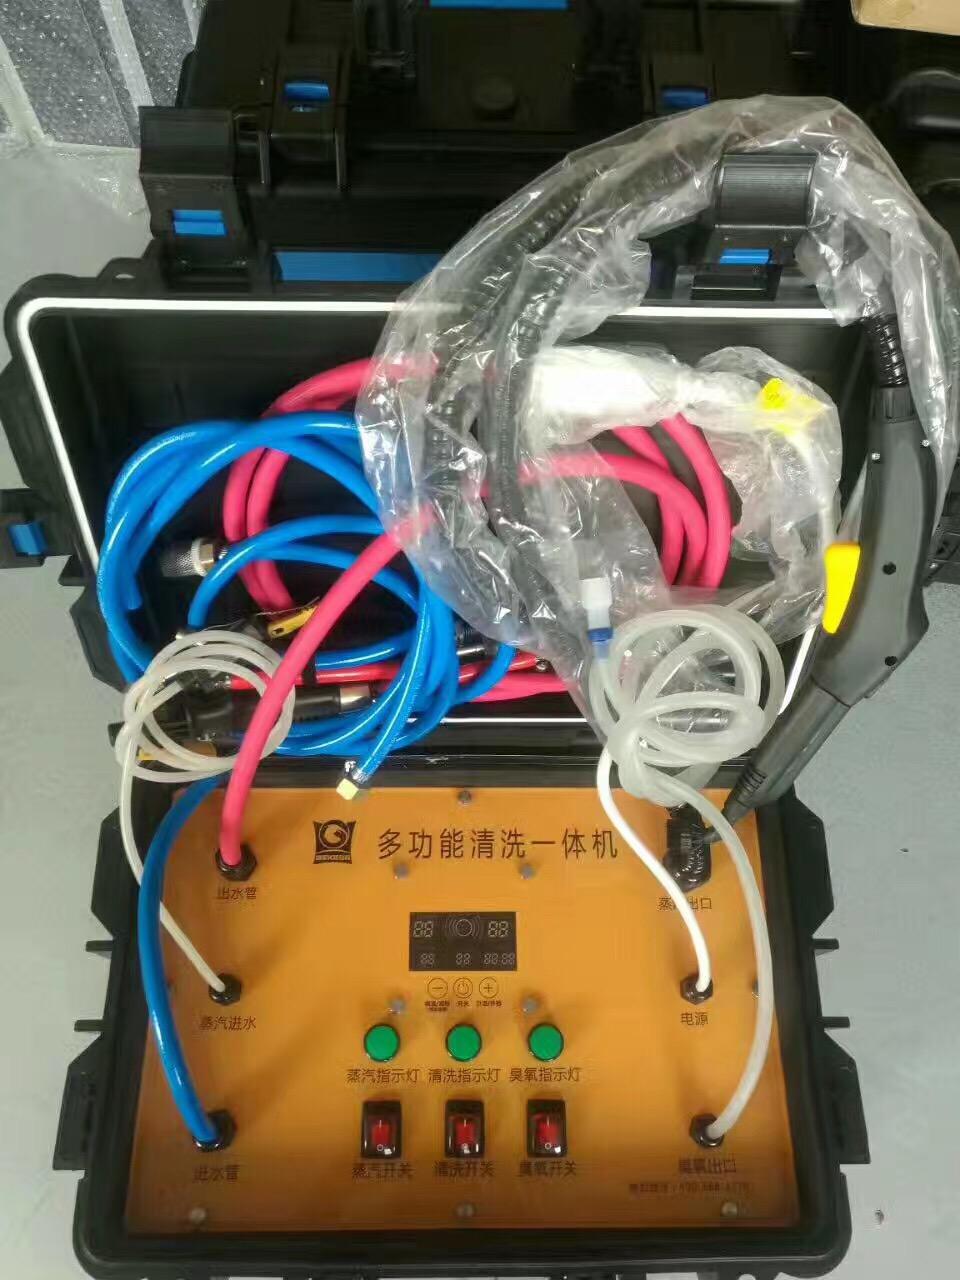 电器经销附带清洗家电项目市场火爆不假